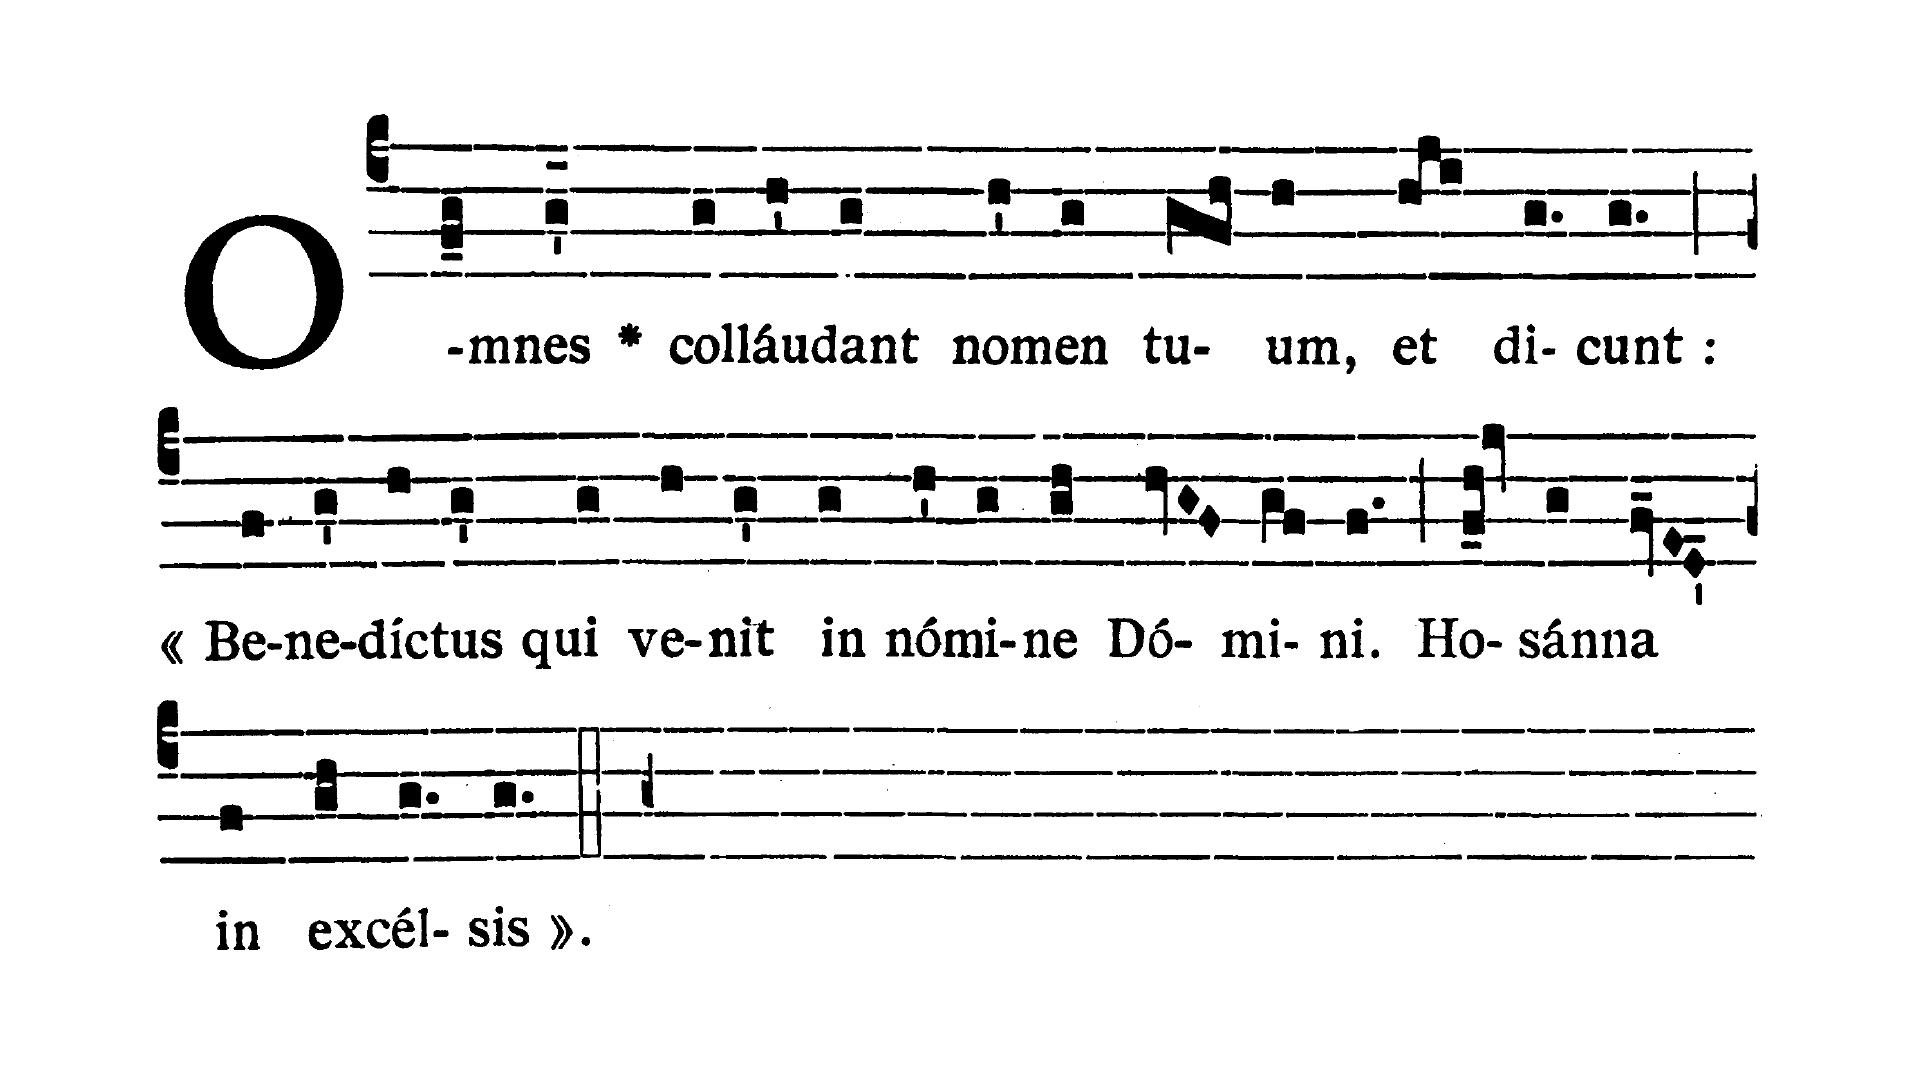 Dominica II in Passionis seu in Palmis (II Niedziela Męki Pańskiej lub Palmowa) - Antiphona (Omnes collaudant)